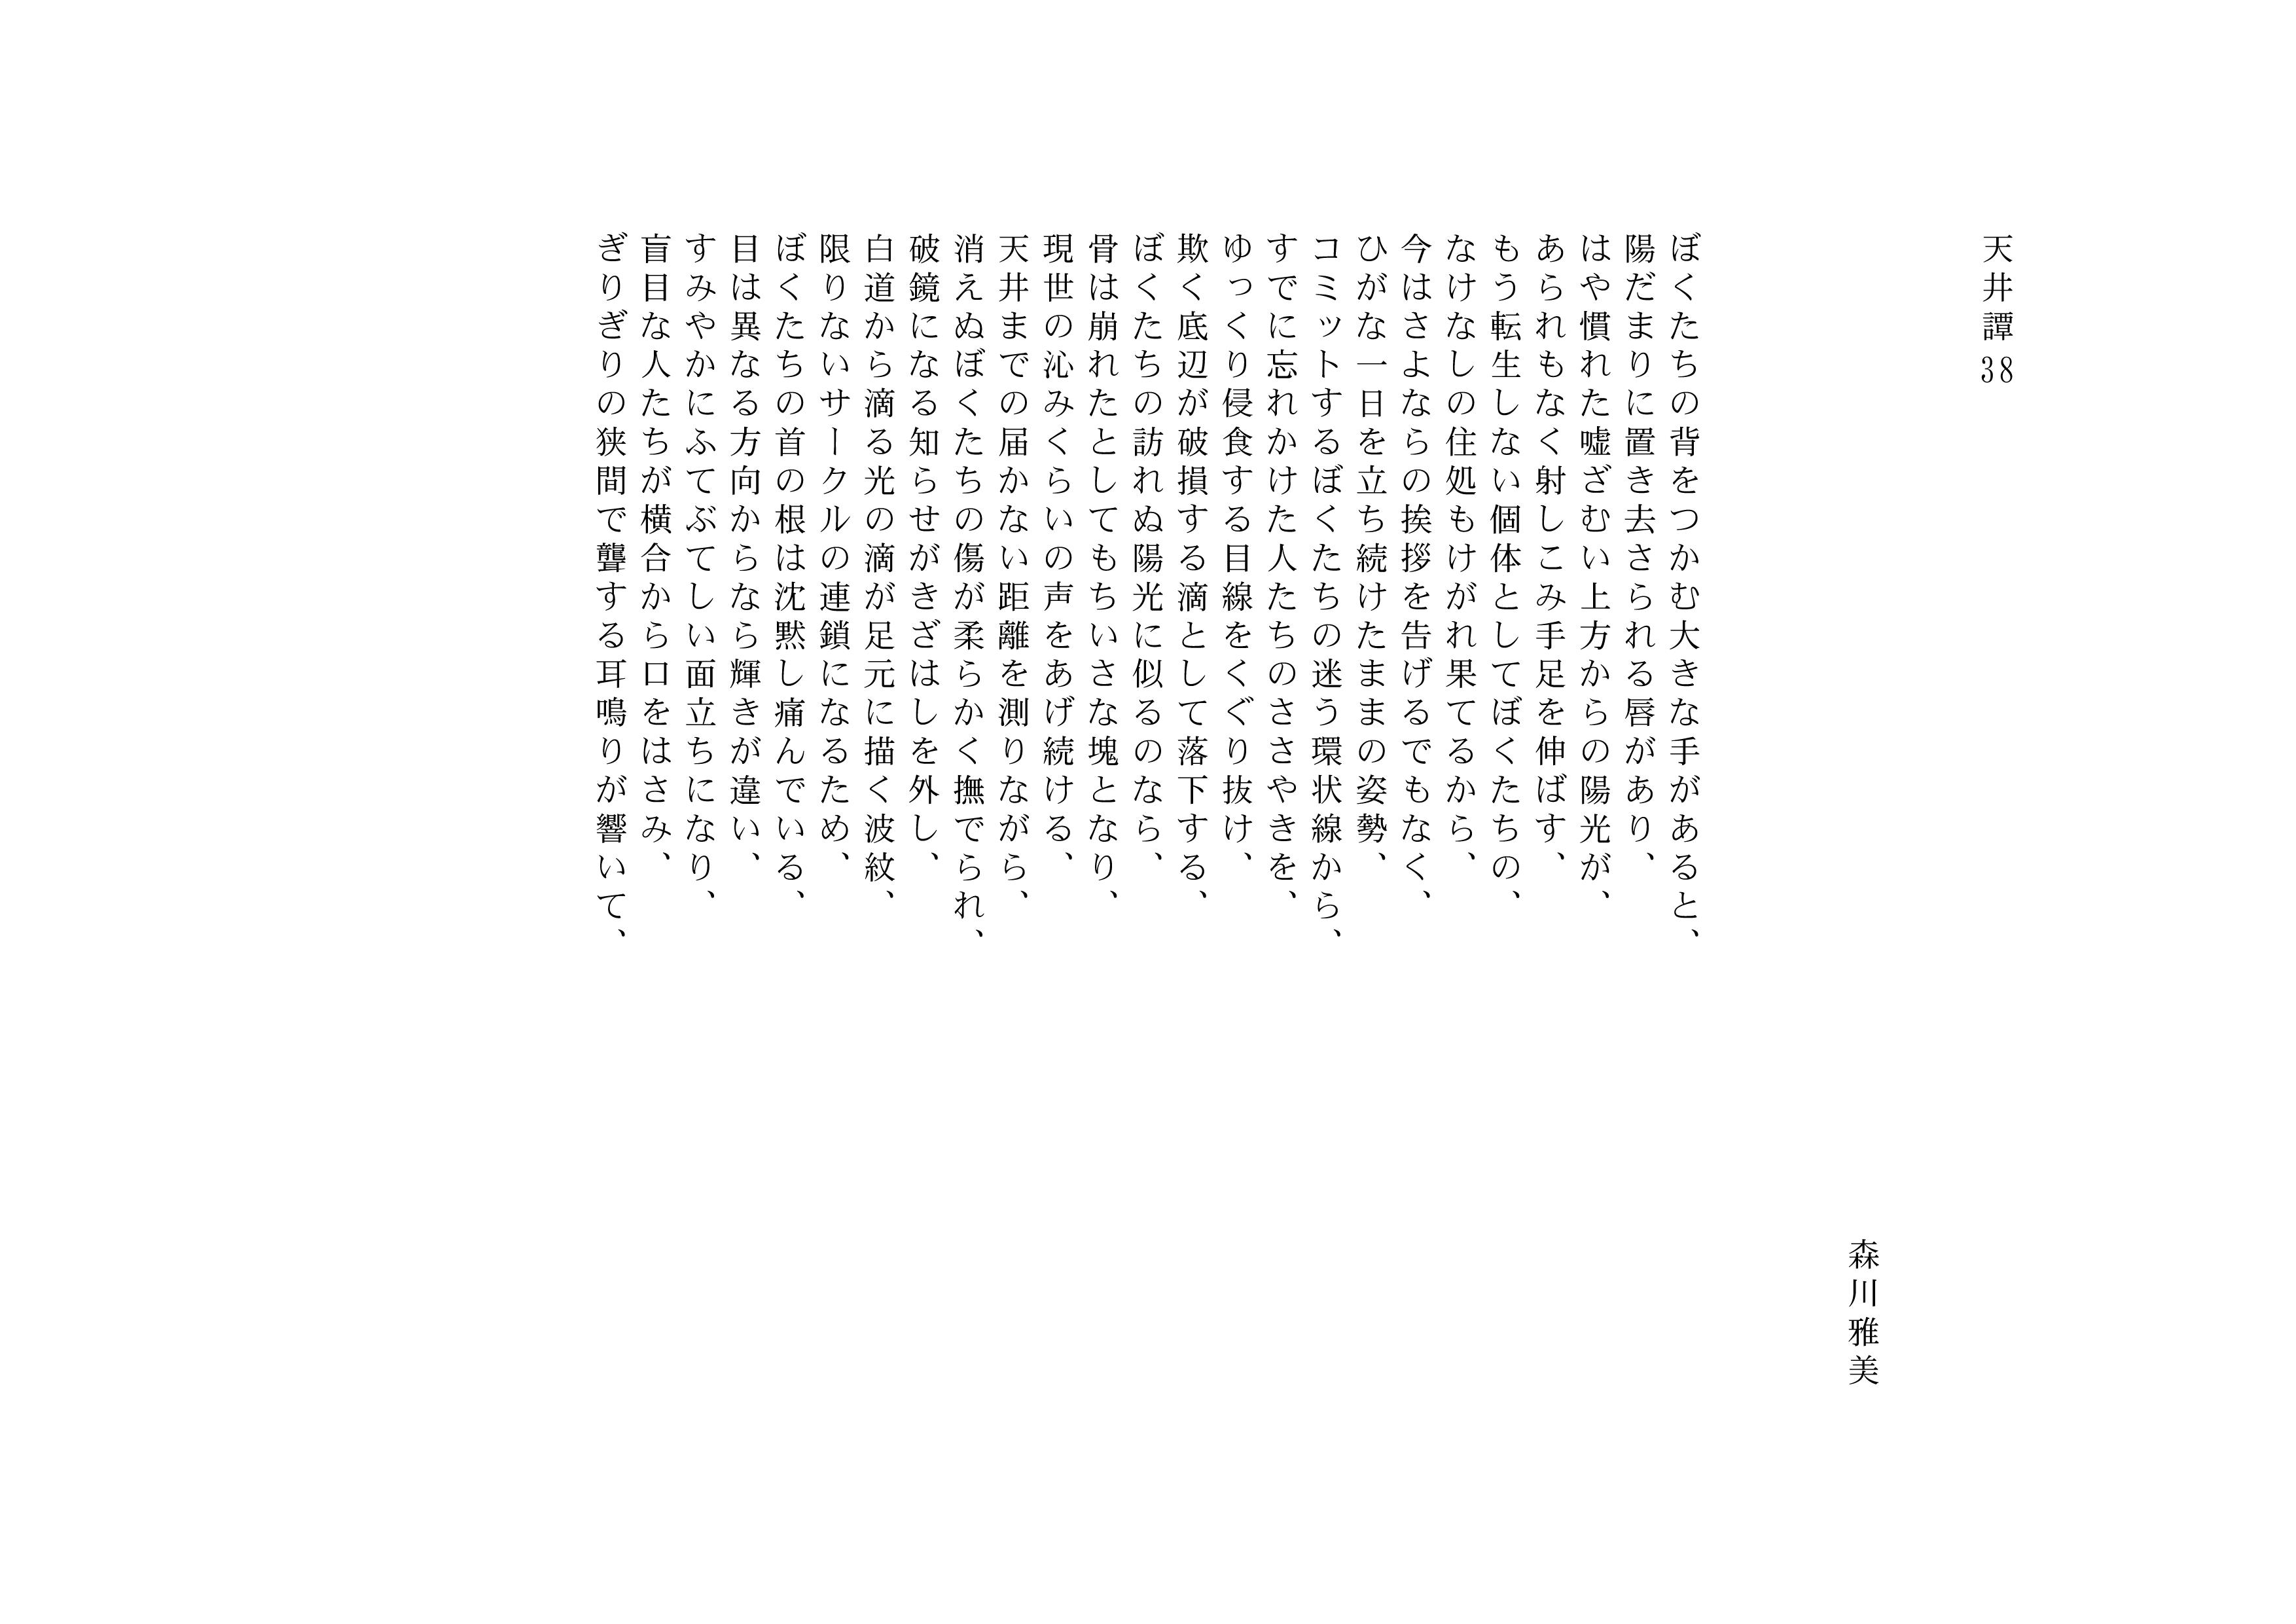 【7月12日掲載】自由詩 天井譚